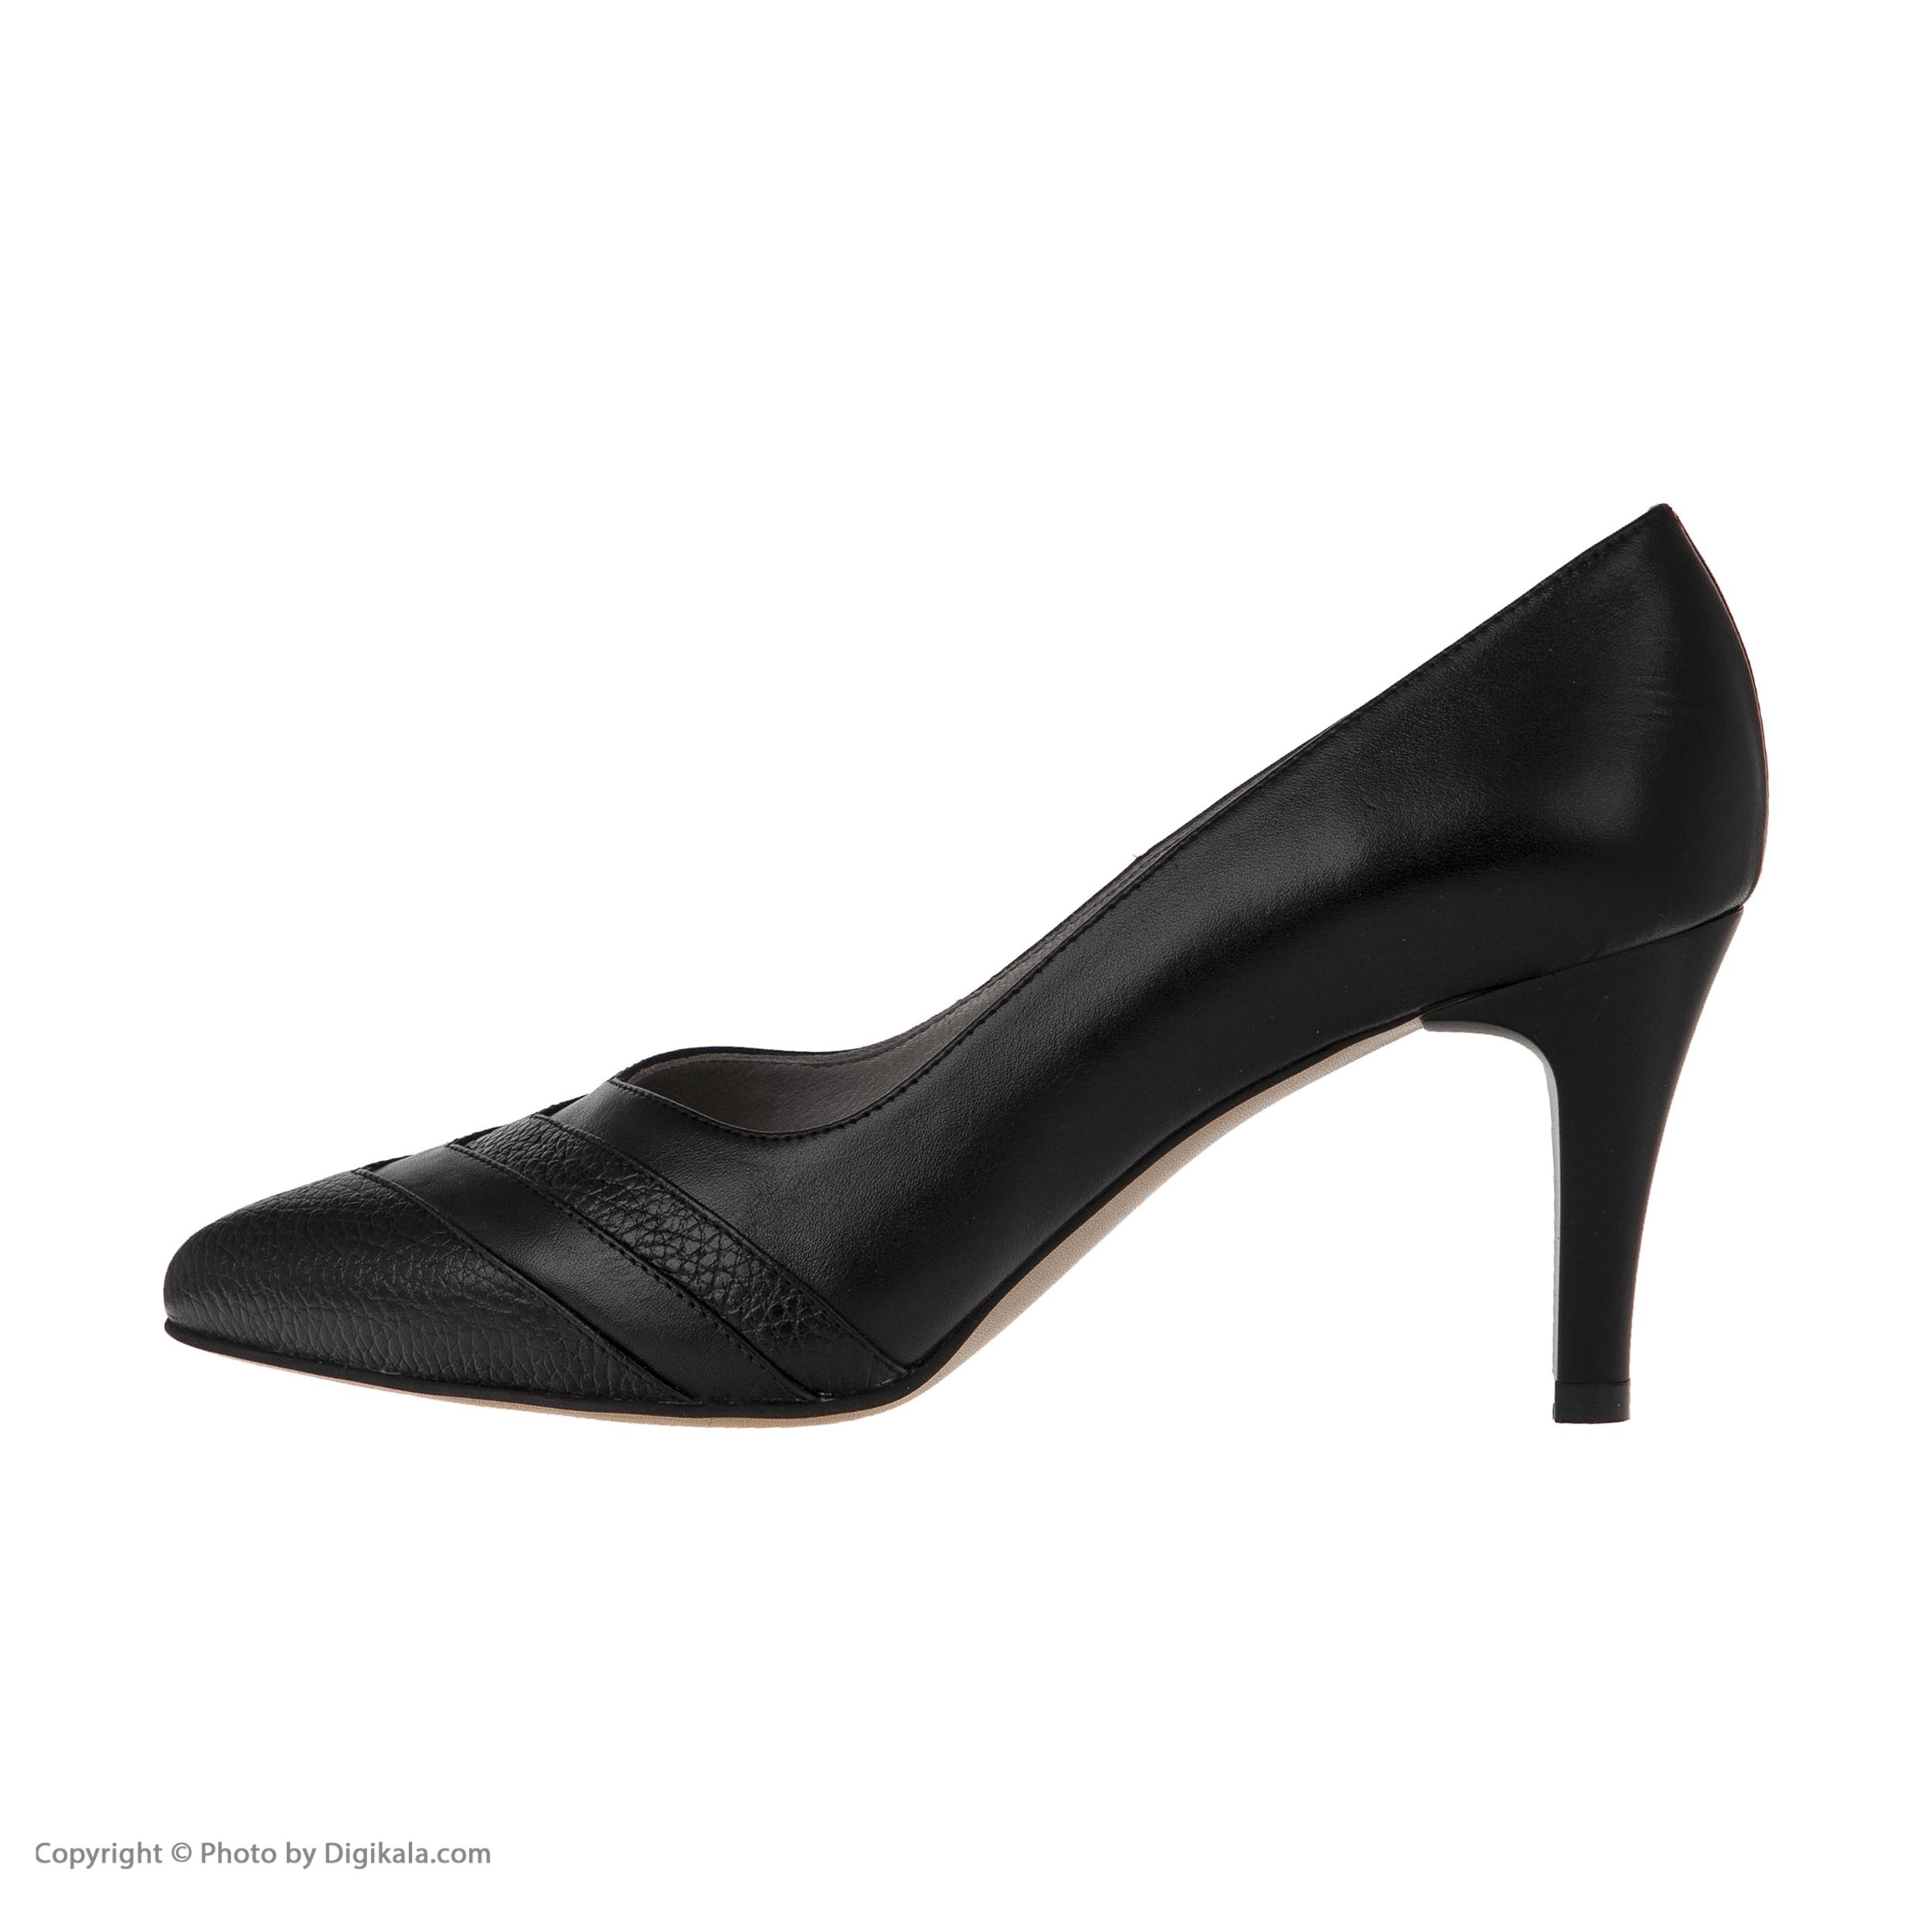 کفش زنانه چرم یاس مدل دیبالا main 1 3